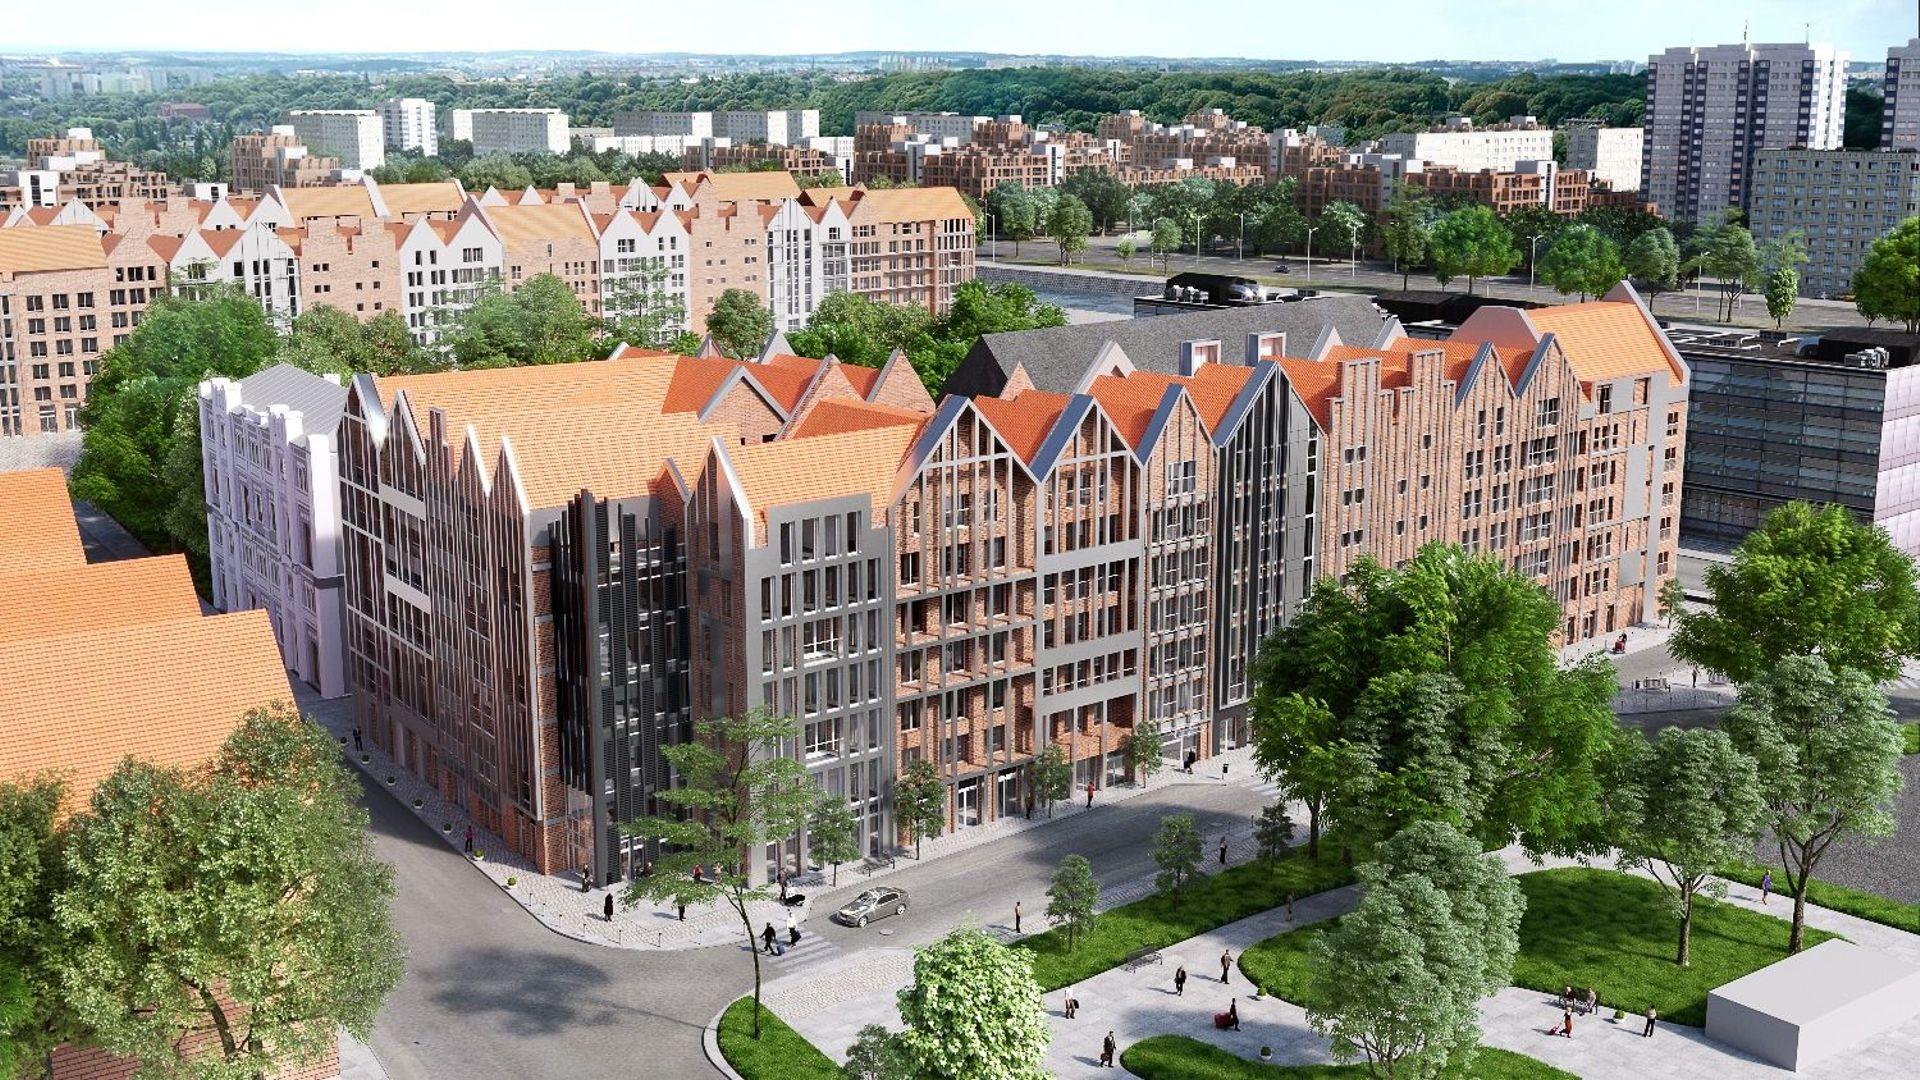 [Gdańsk] Wiecha na kompleksie Grano Residence w Gdańsku zawieszona